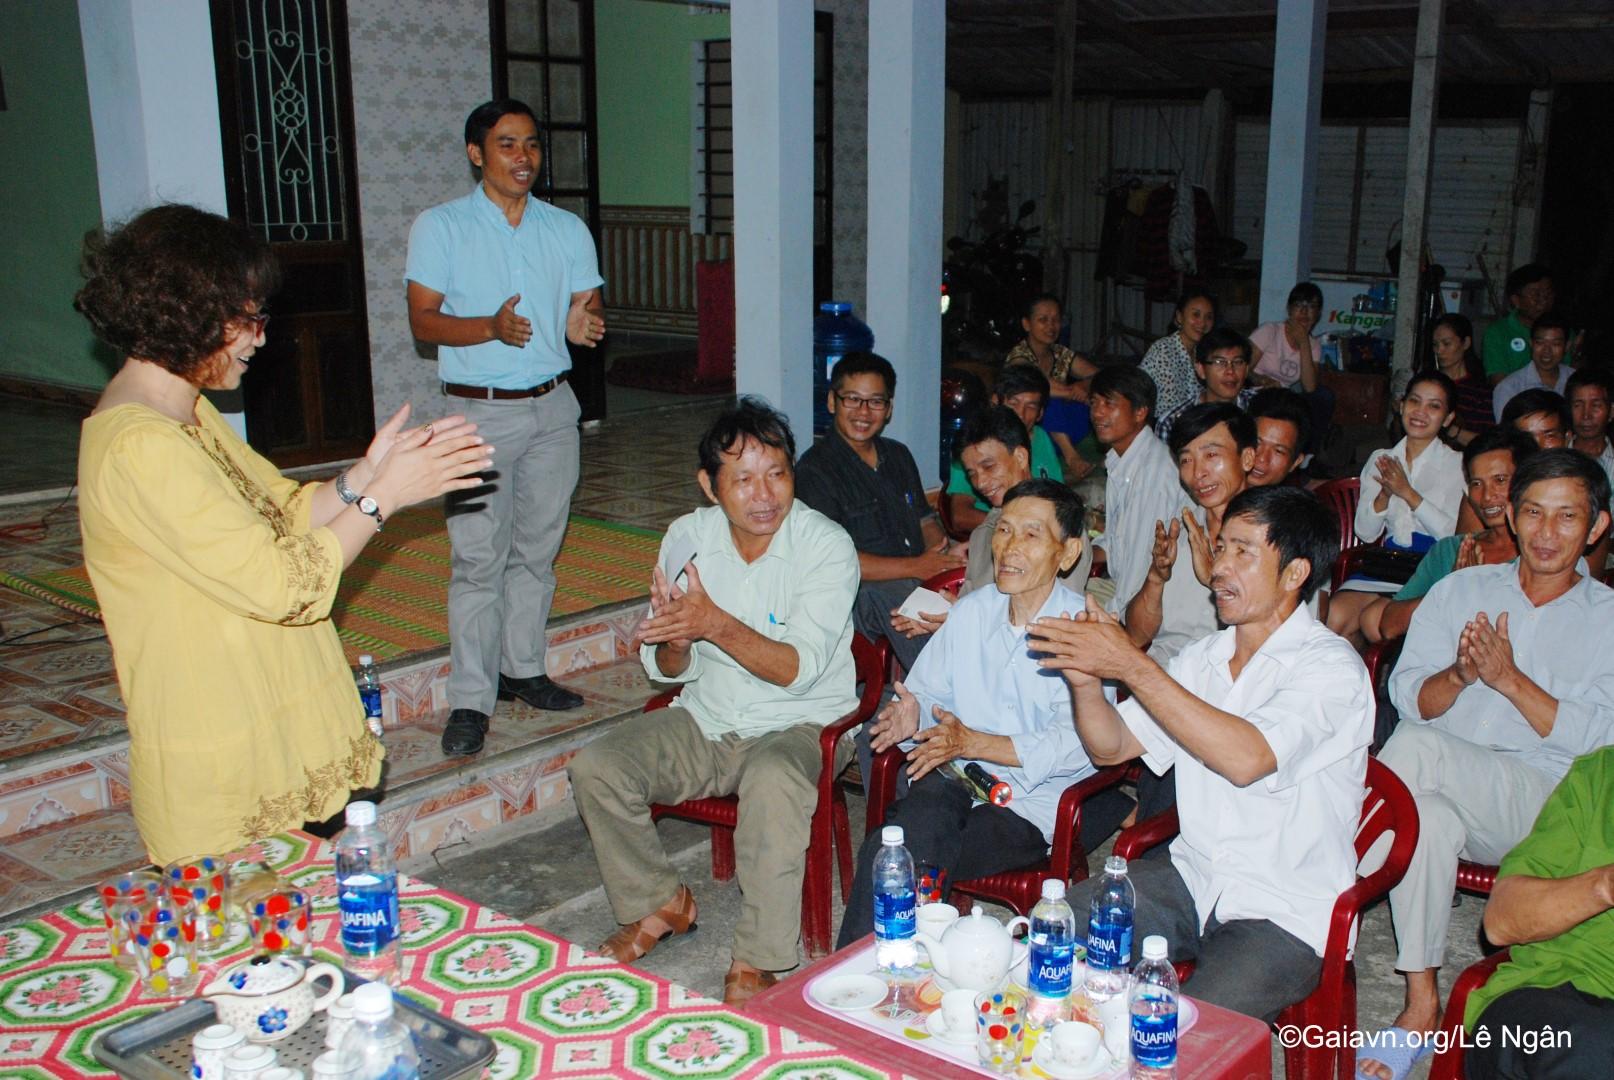 Tham gia buổi truyền thông với cộng đồng địa phương tại thôn Khe Su